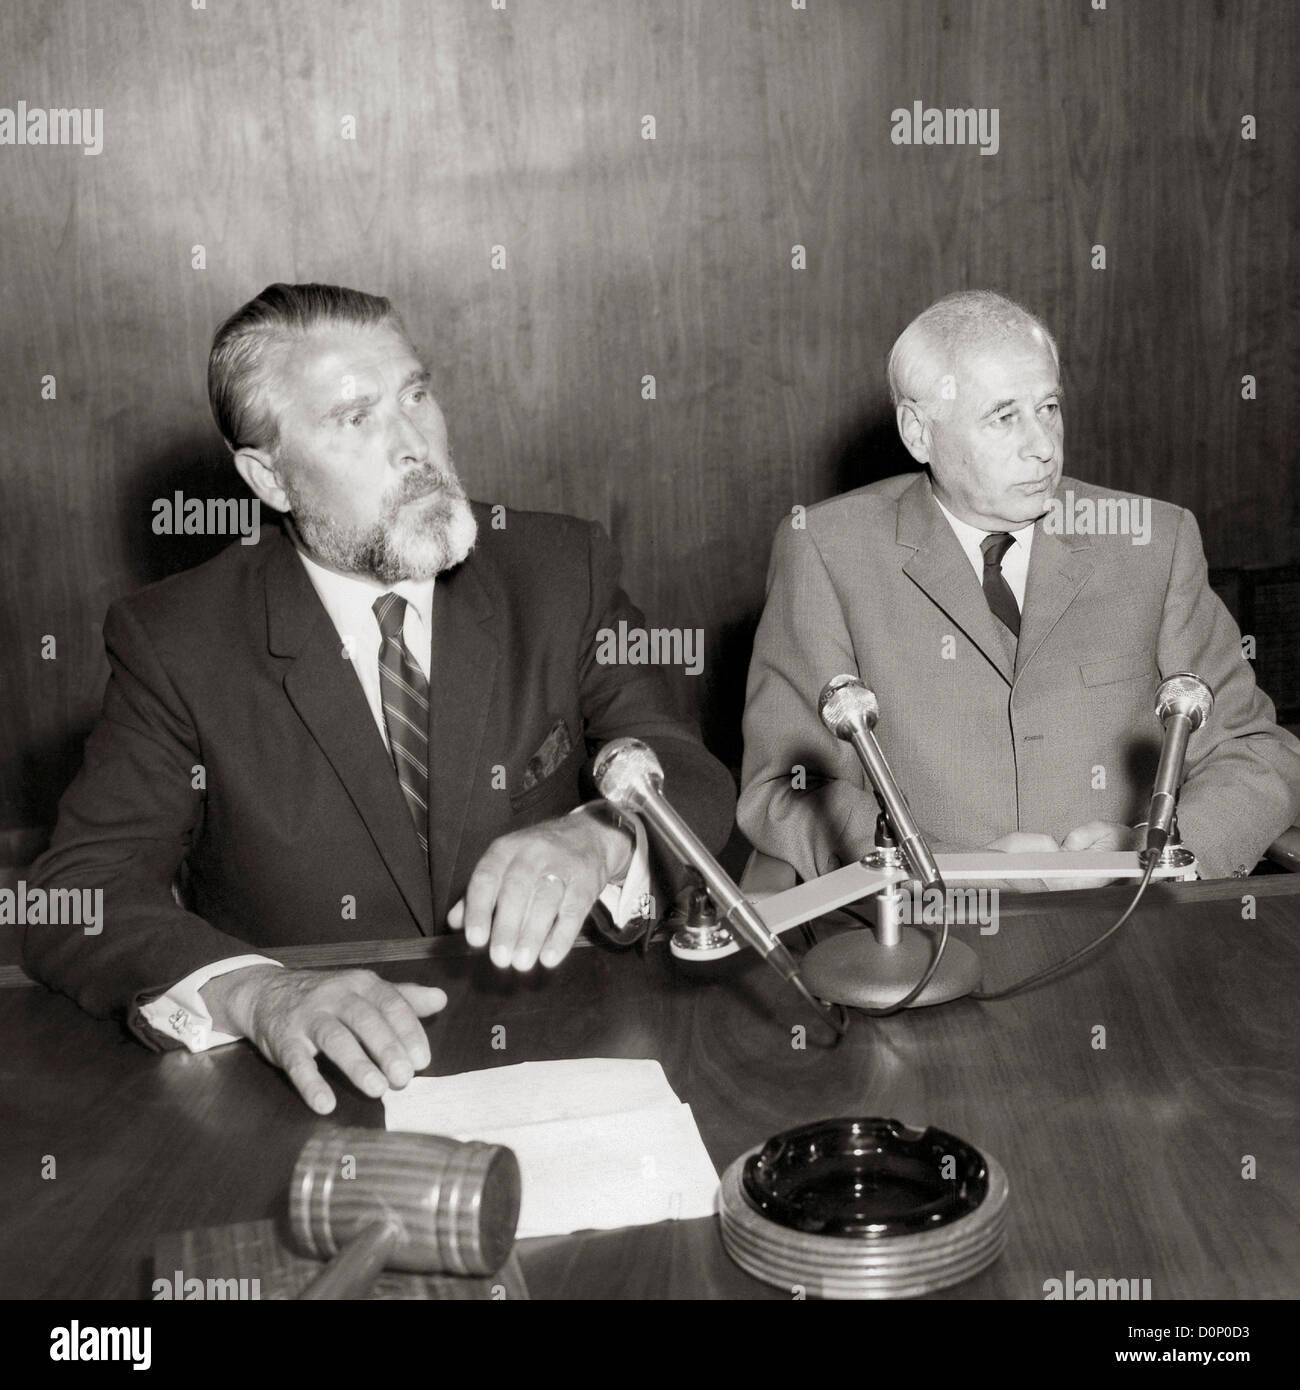 Wernher von Braun and Eberhard Rees - Stock Image